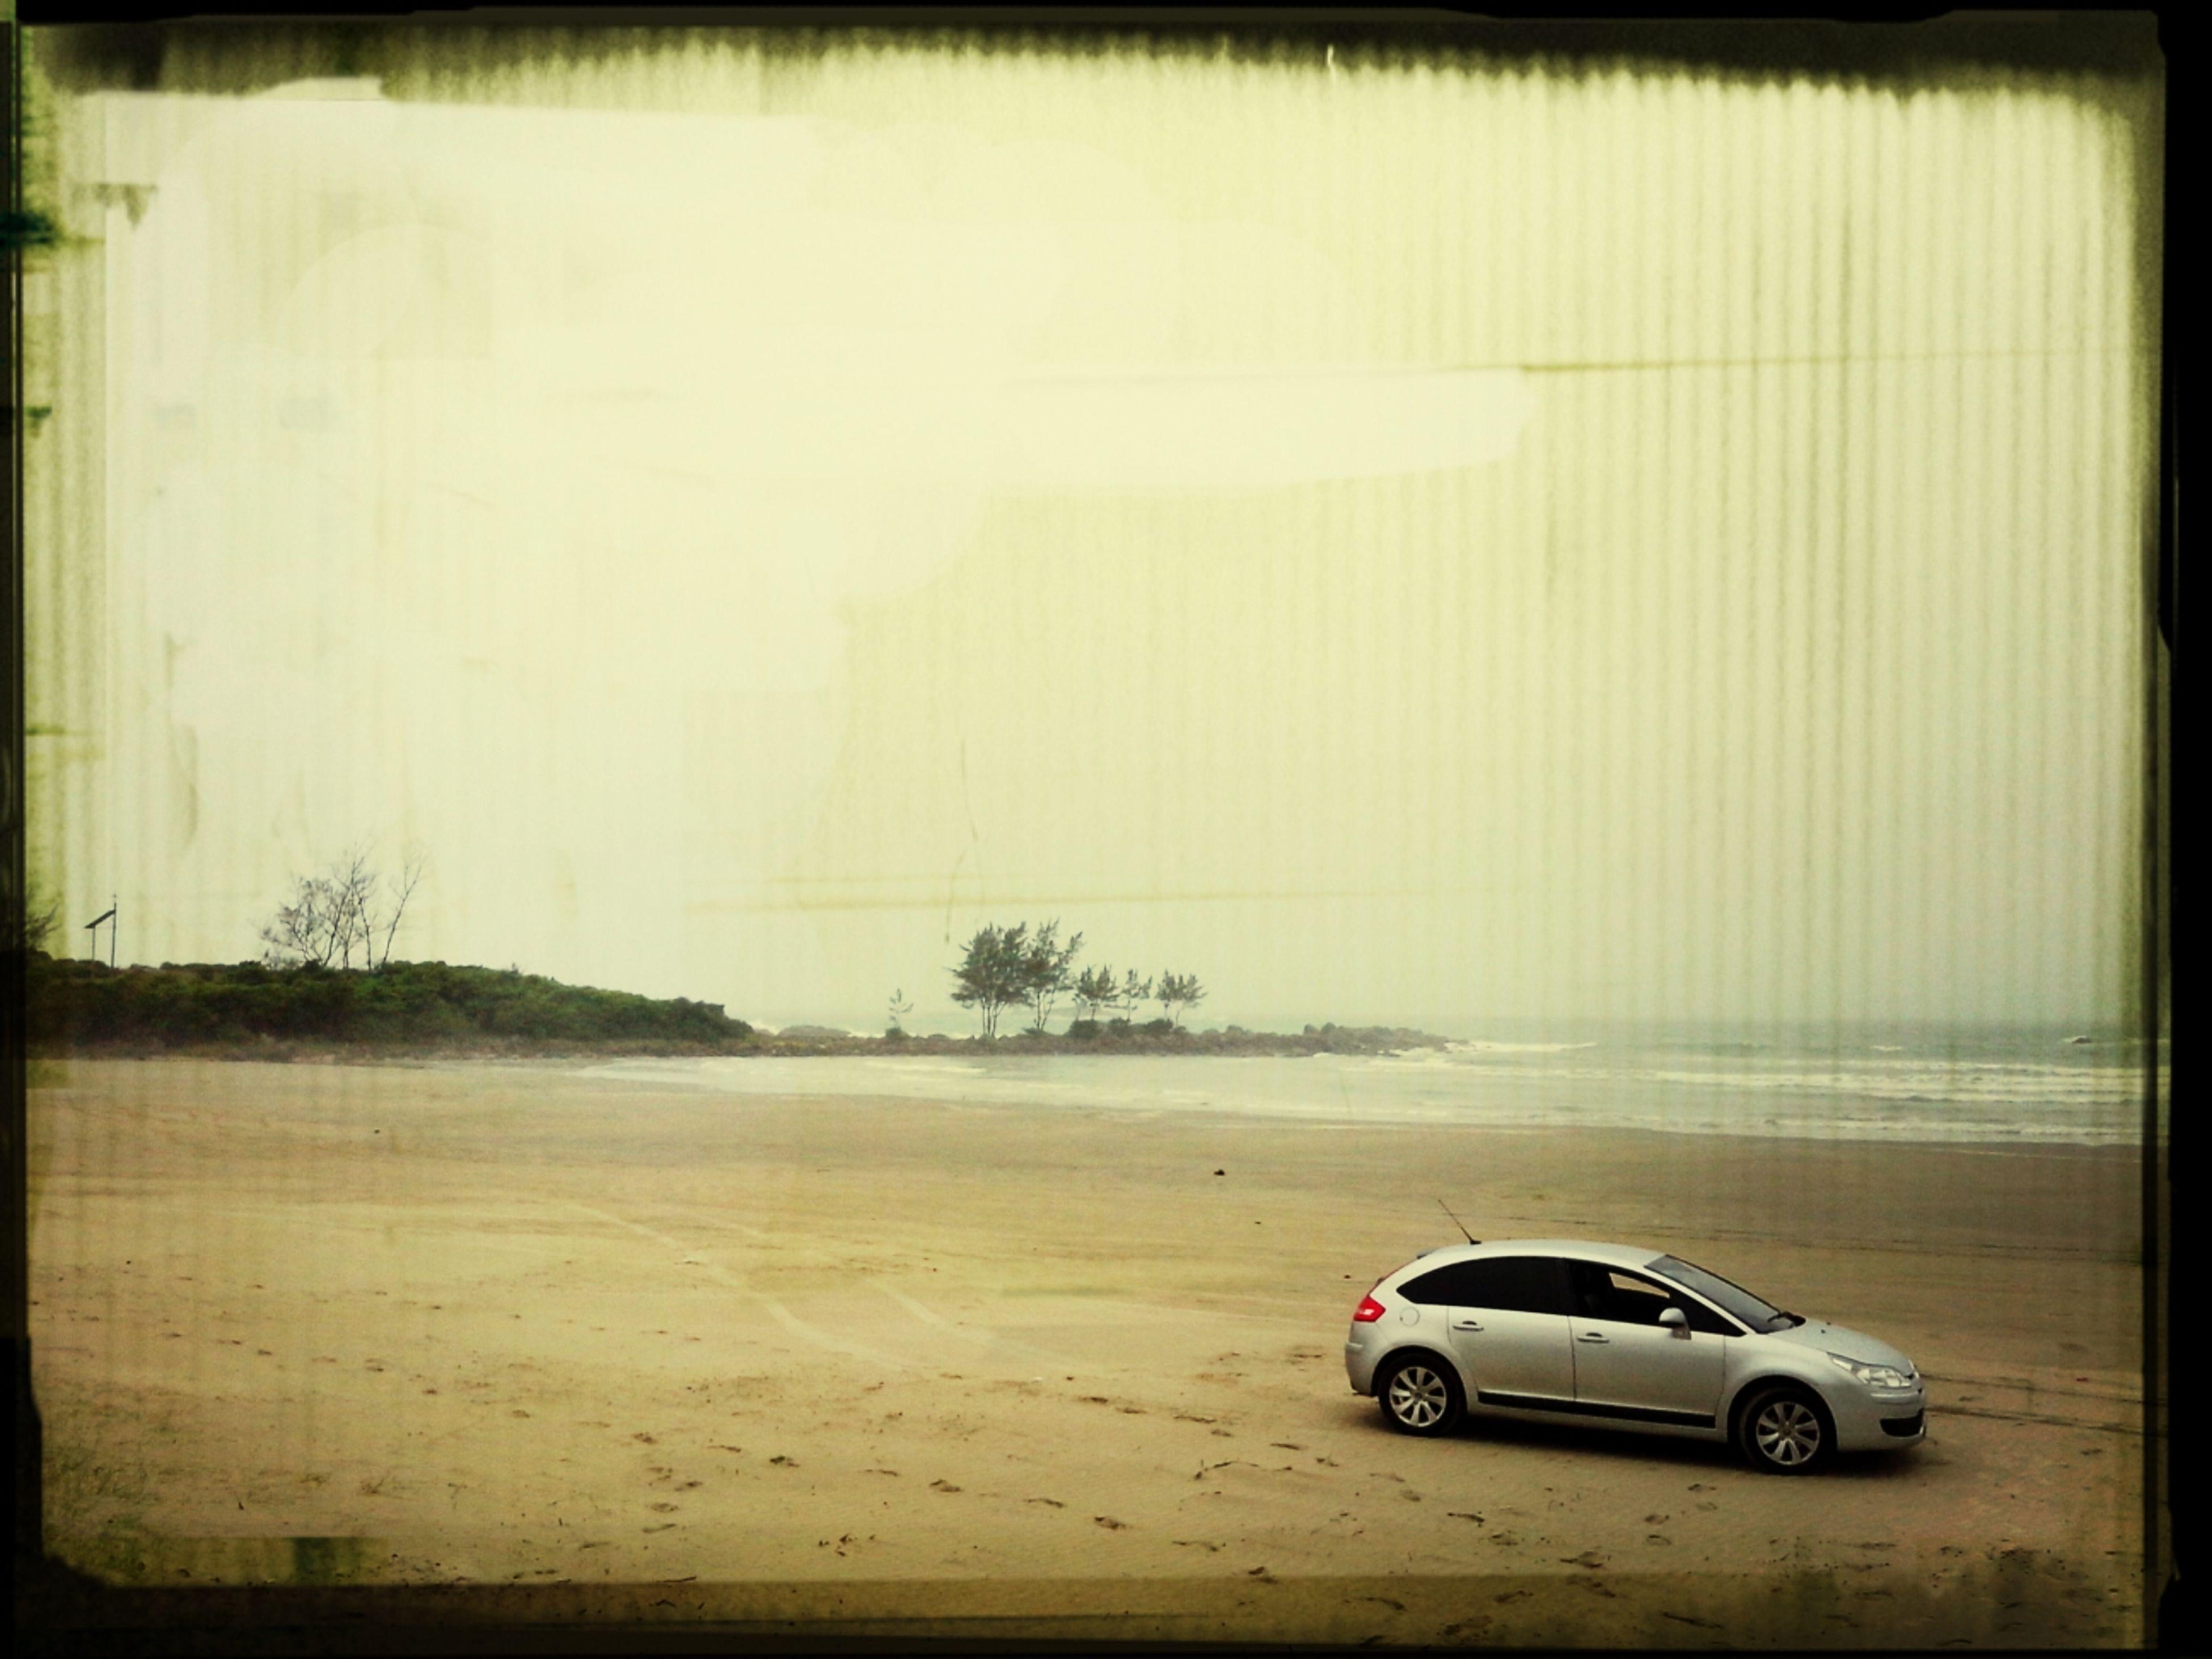 Na areia da praia...Enjoying Life